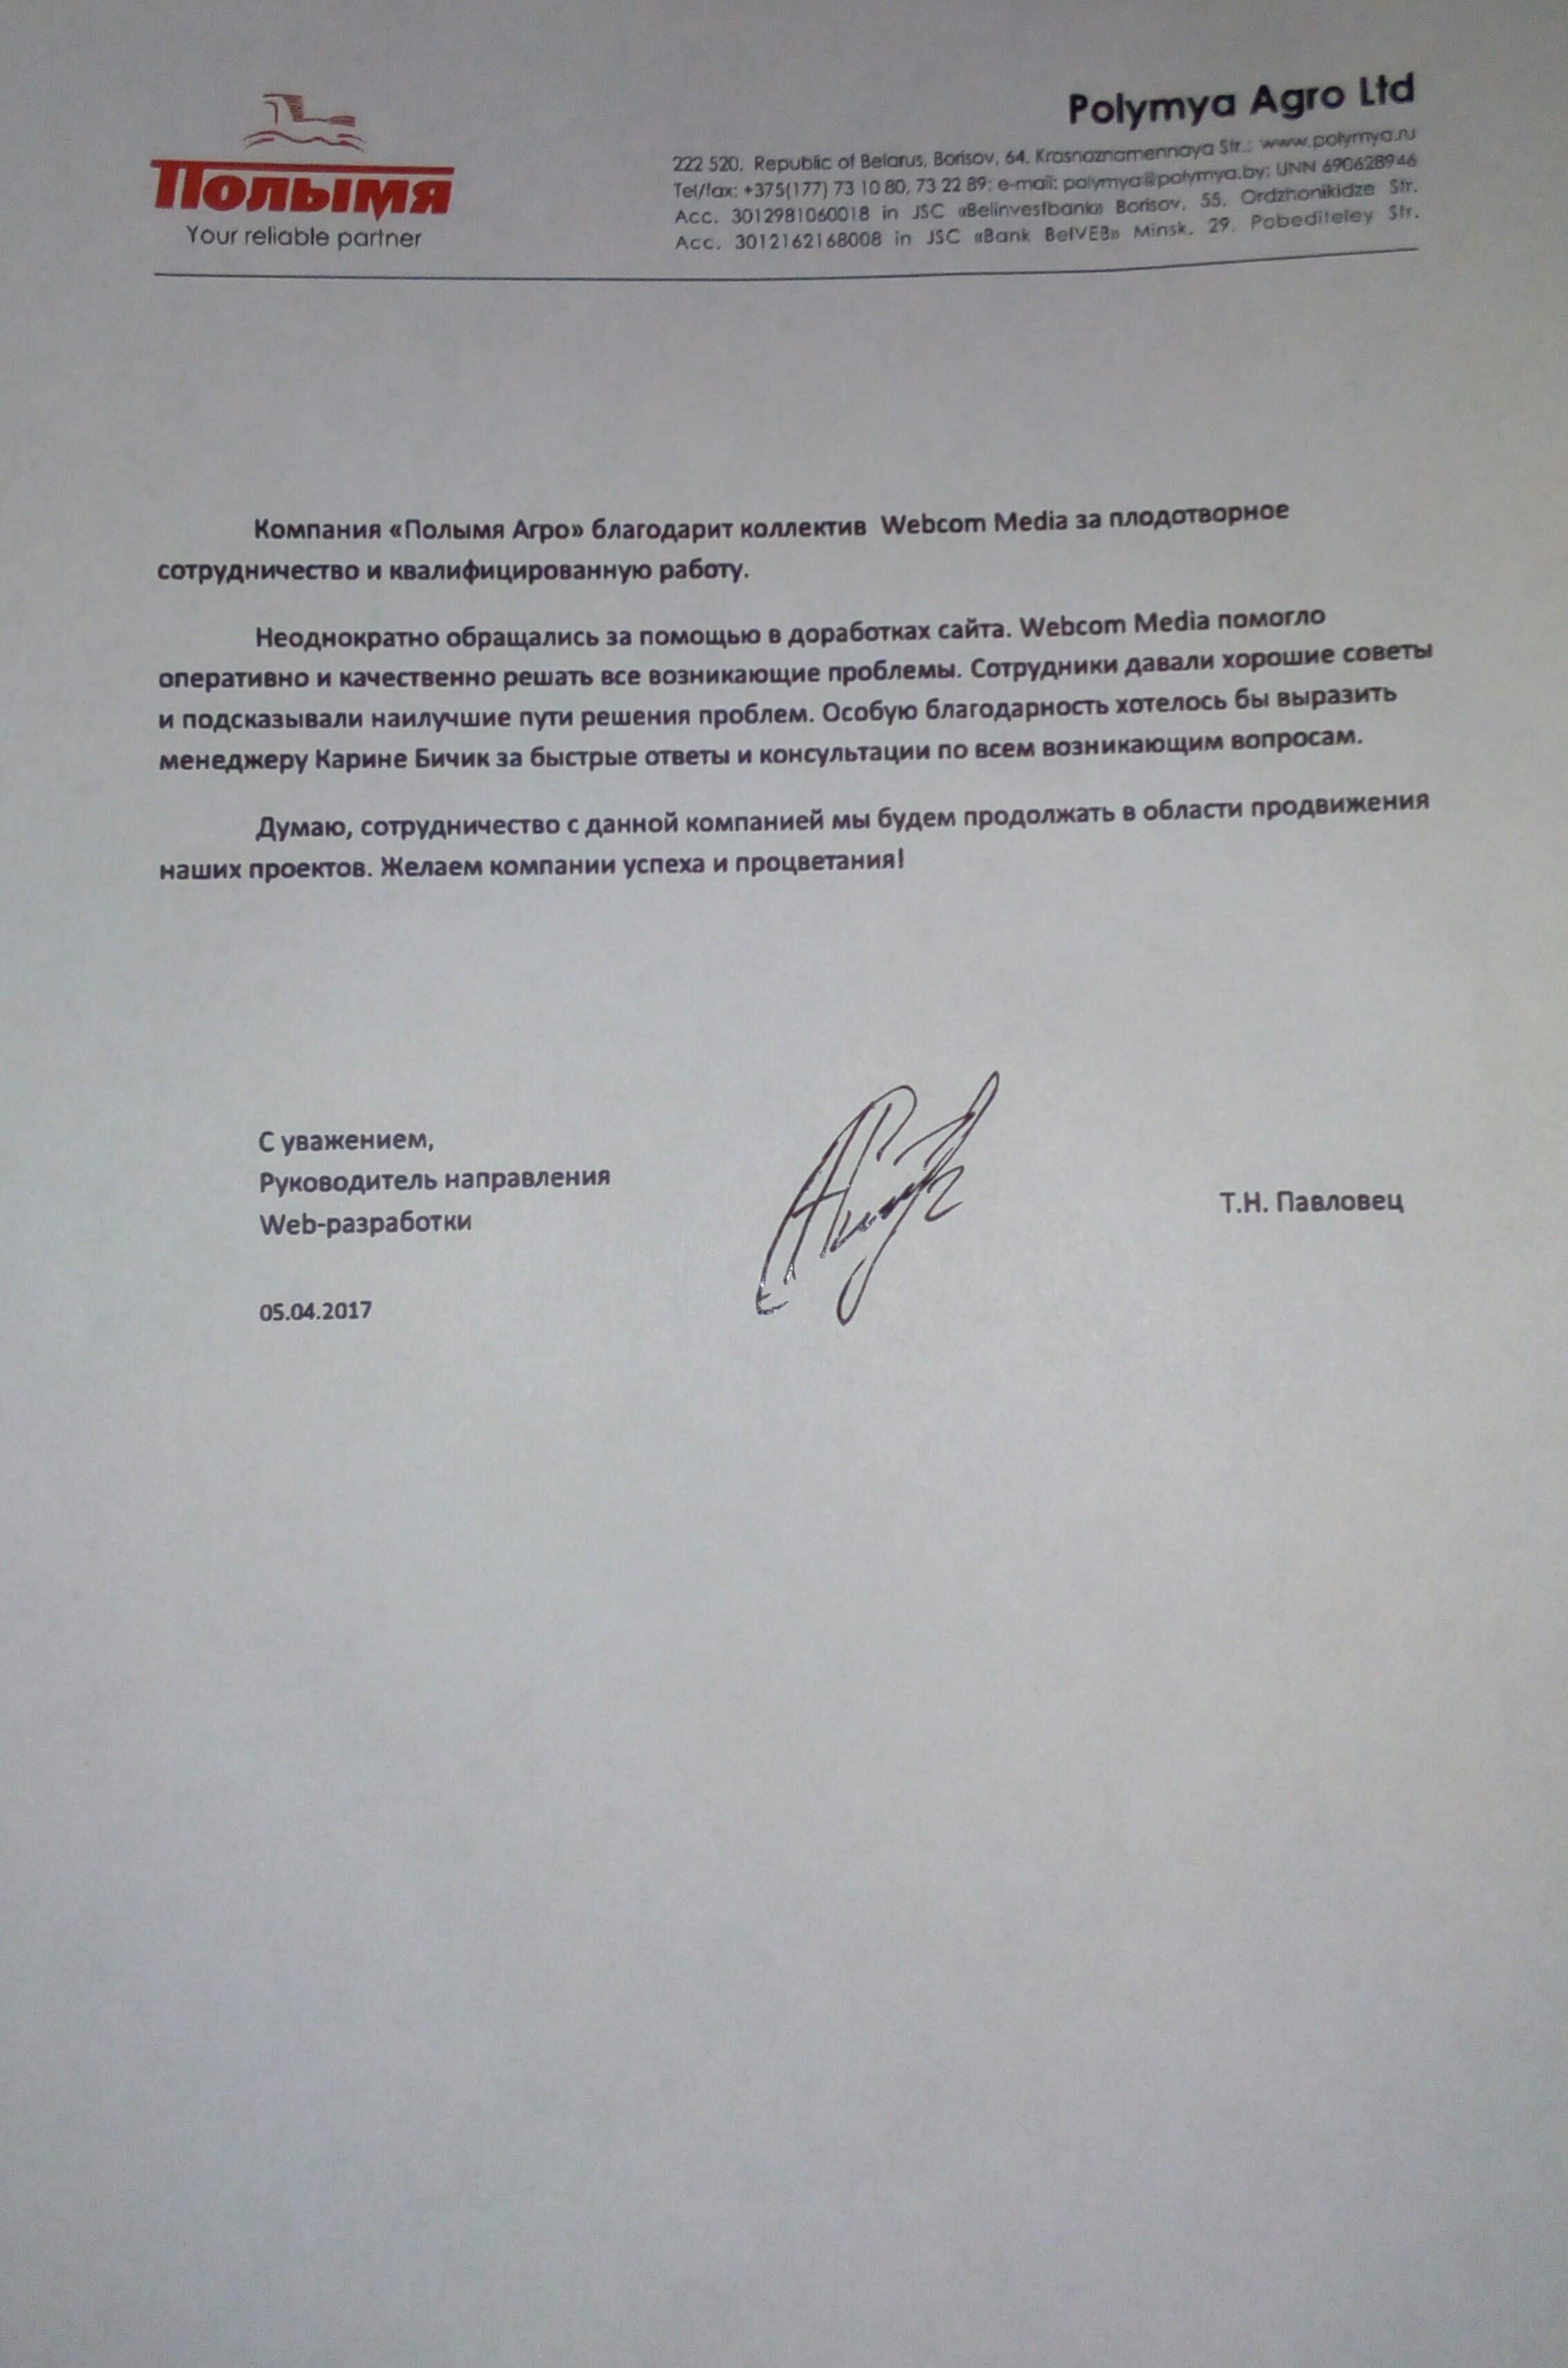 Руководитель направления web-разработки ООО 'Полымя Агро'